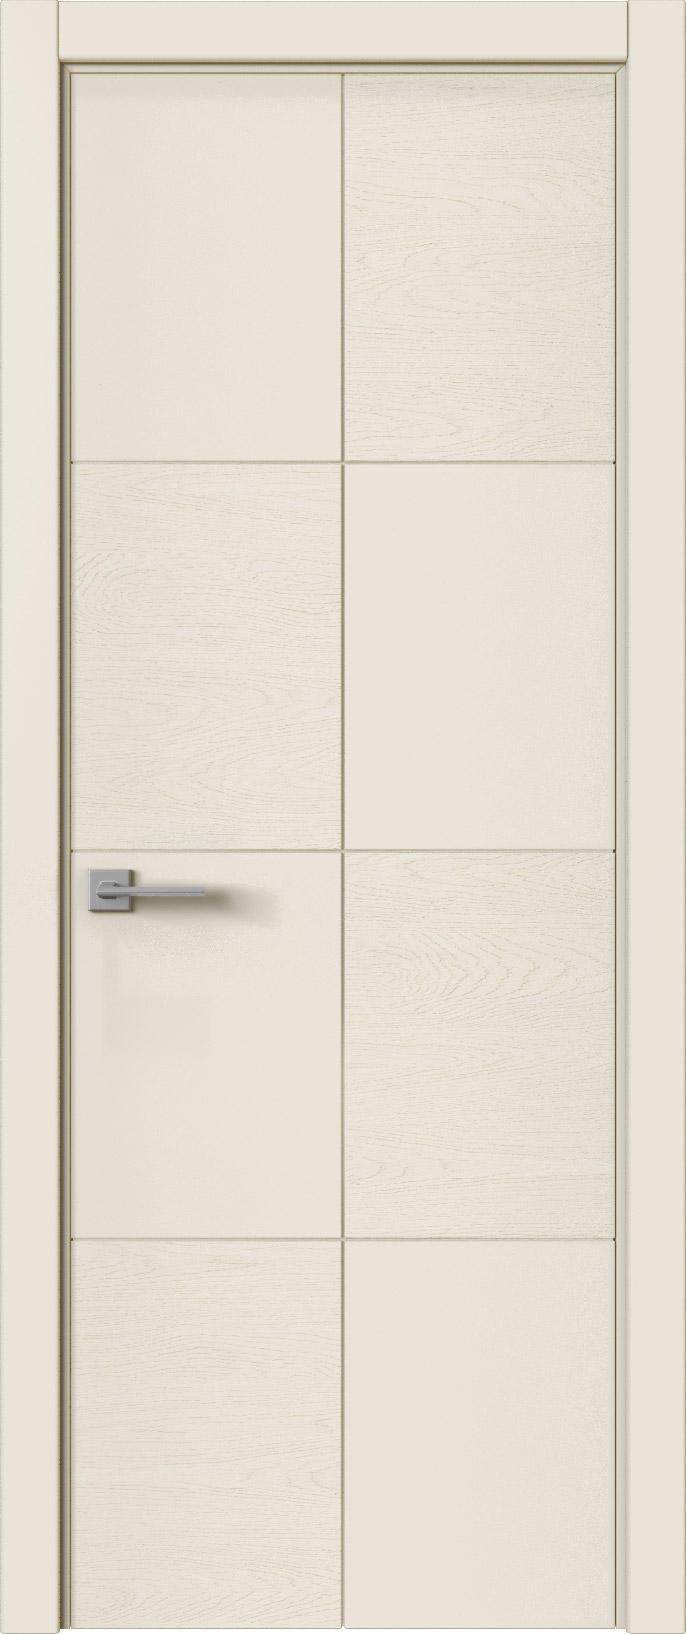 Tivoli Л-2 цвет - Жемчужная эмаль-эмаль по шпону (RAL 1013) Без стекла (ДГ)